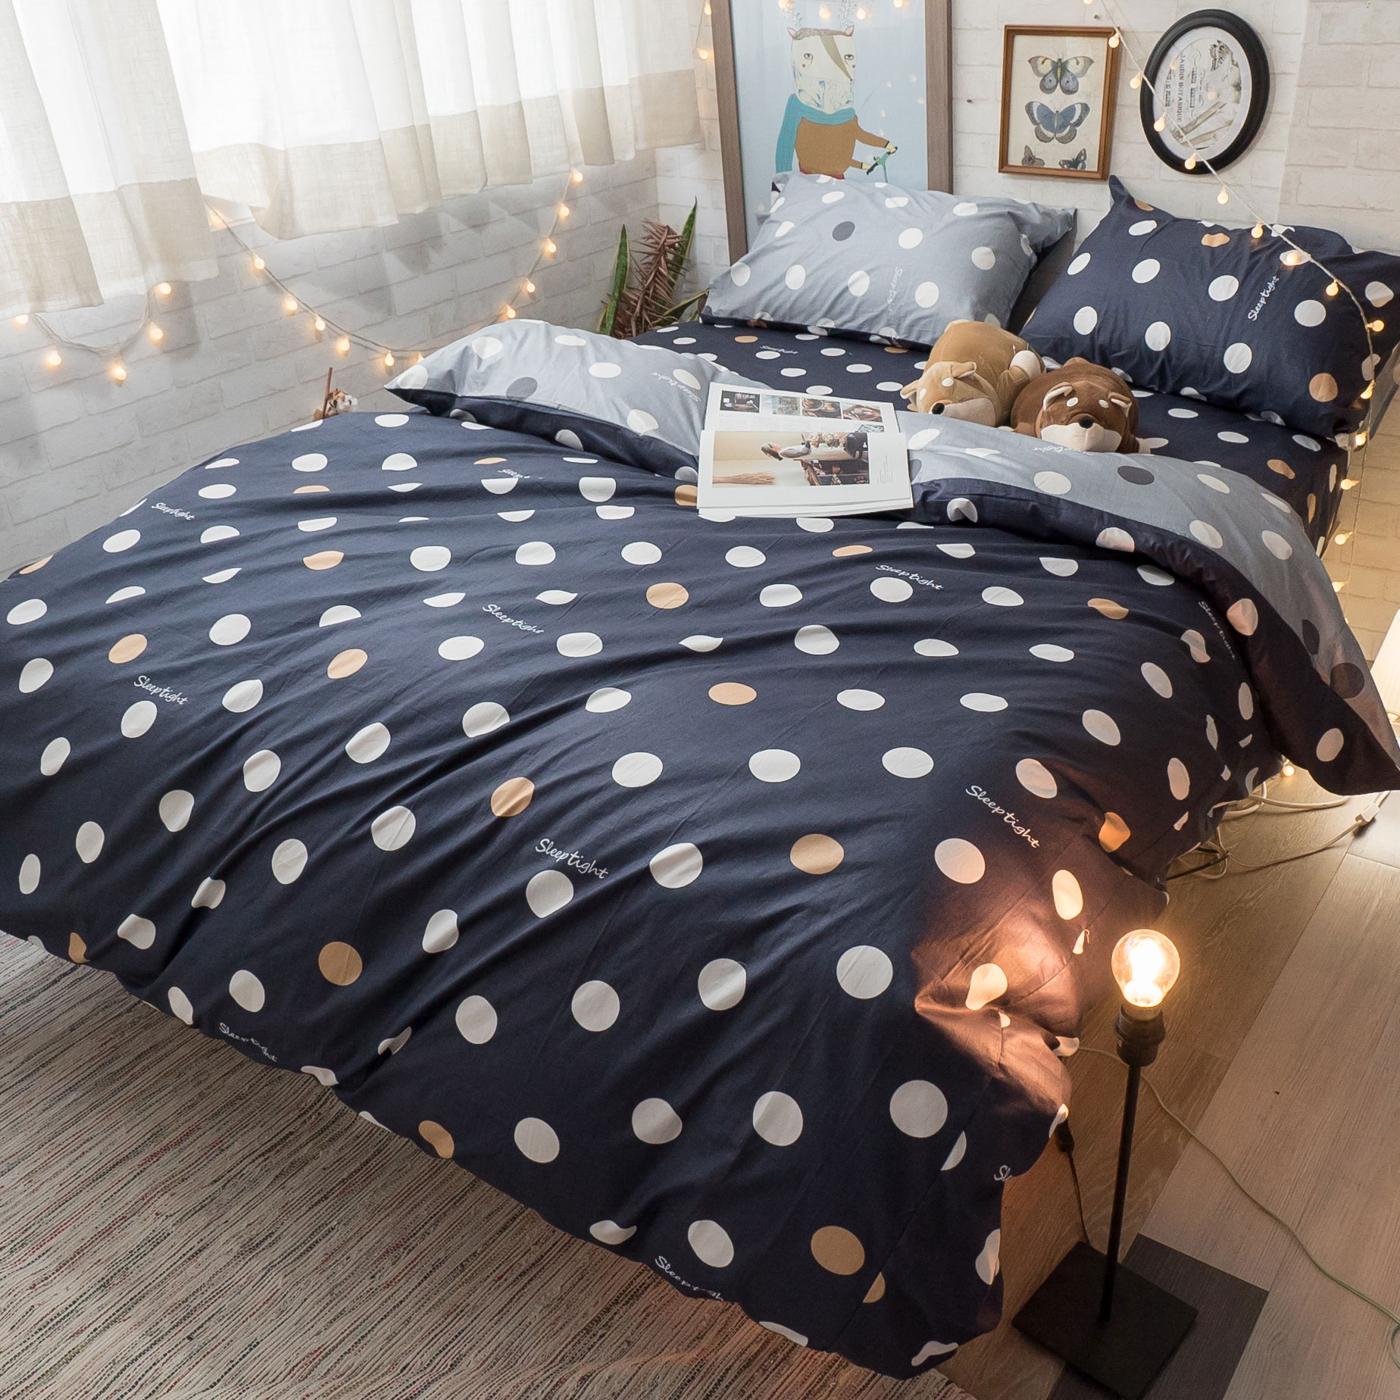 爵士圓舞曲 K2 雙人King Size床包薄被套四件組  純精梳棉  台灣製